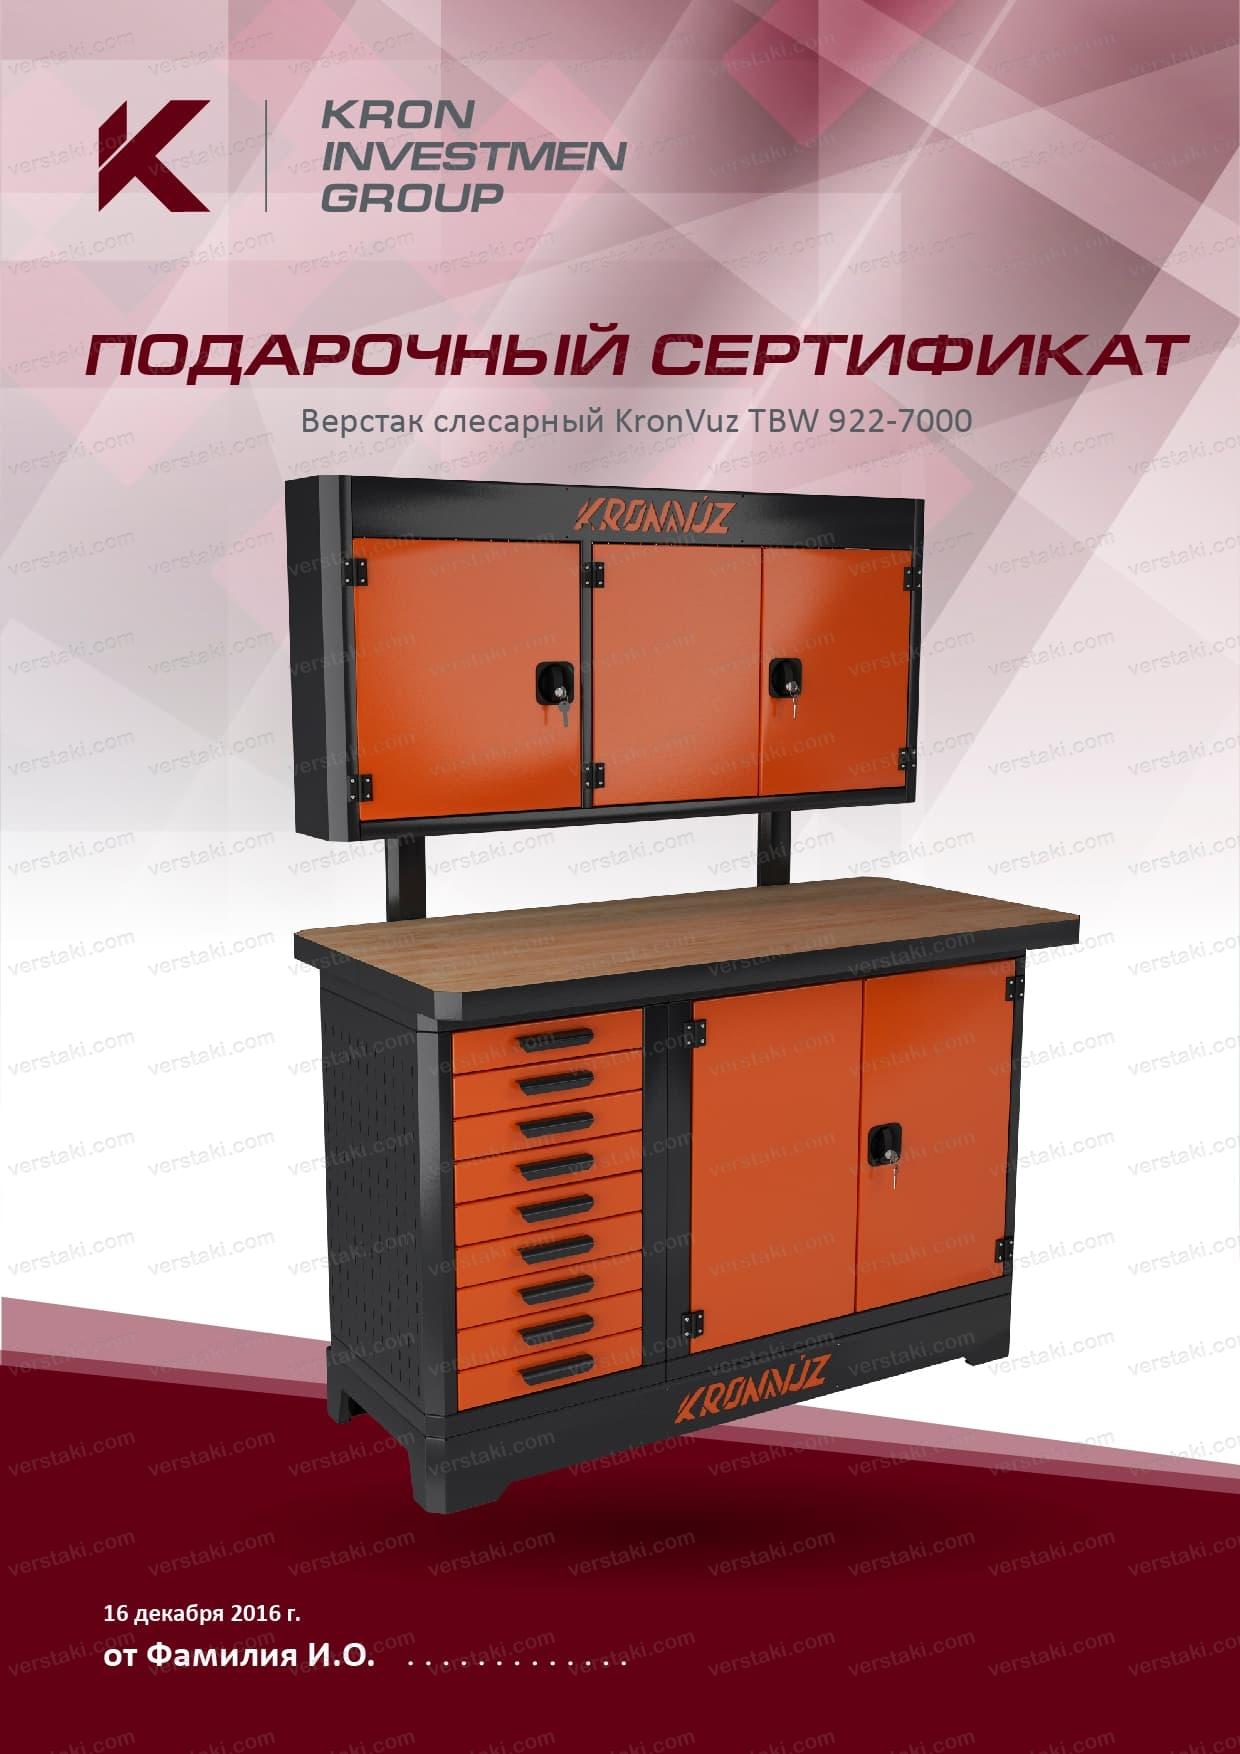 Подарочный сертификат на верстак слесарный KronVuz TBW 922-7000